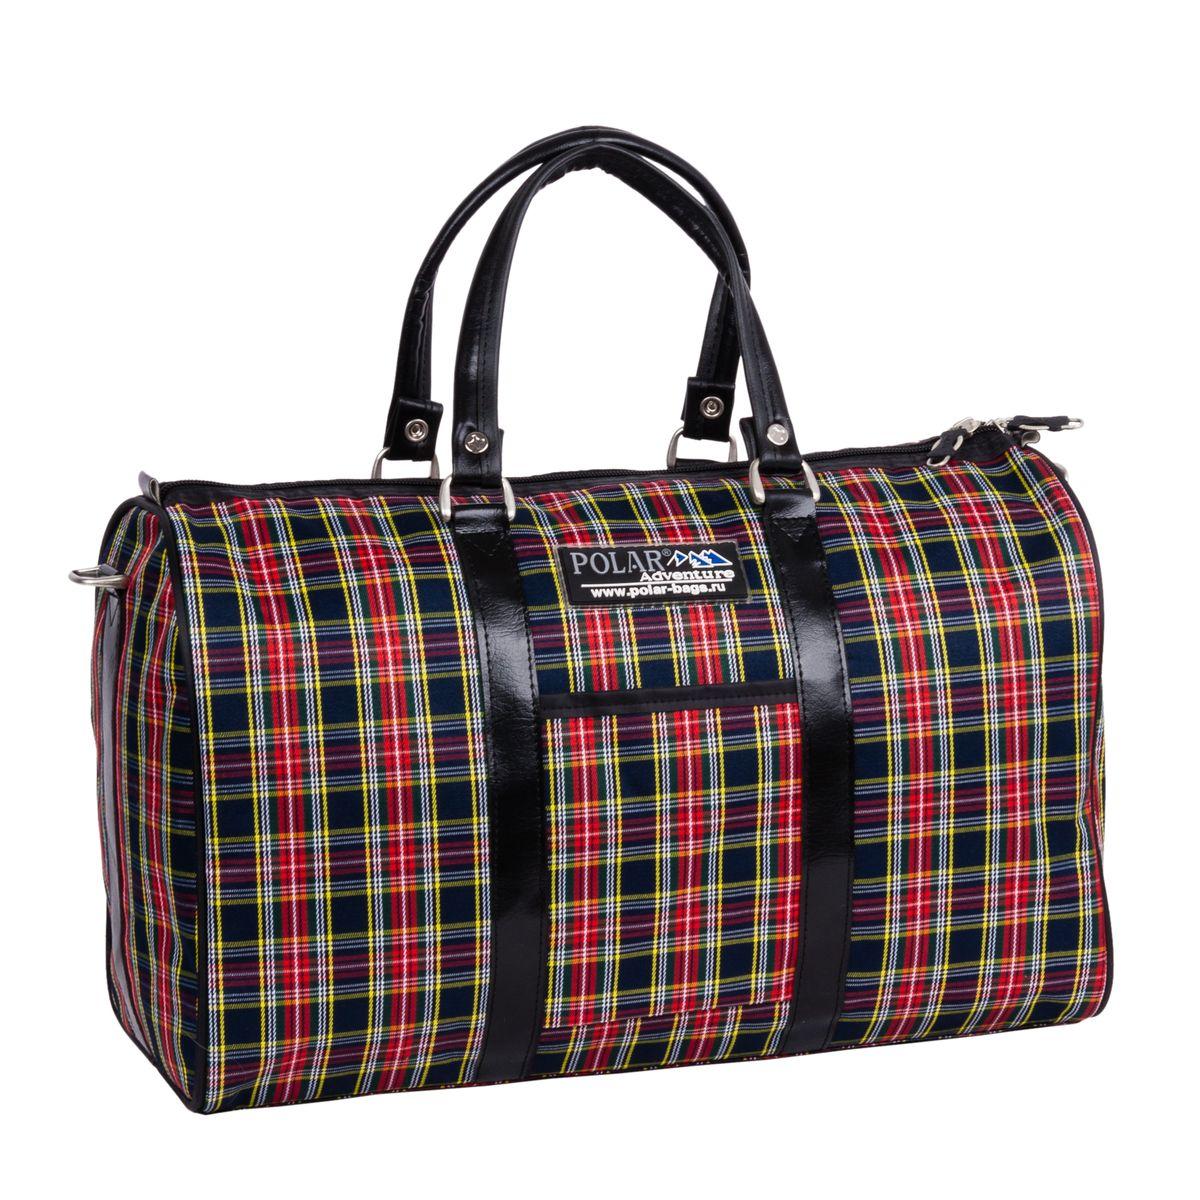 Сумка дорожная Polar, 18,5 л, цвет: красная клетка. 6096-016096-01Небольшая вместительная дорожная сумка из полиэстера с водоотталкивающей пропиткой. Внутри дополнительный карман для документов. В комплект входит съемный плечевой ремень.